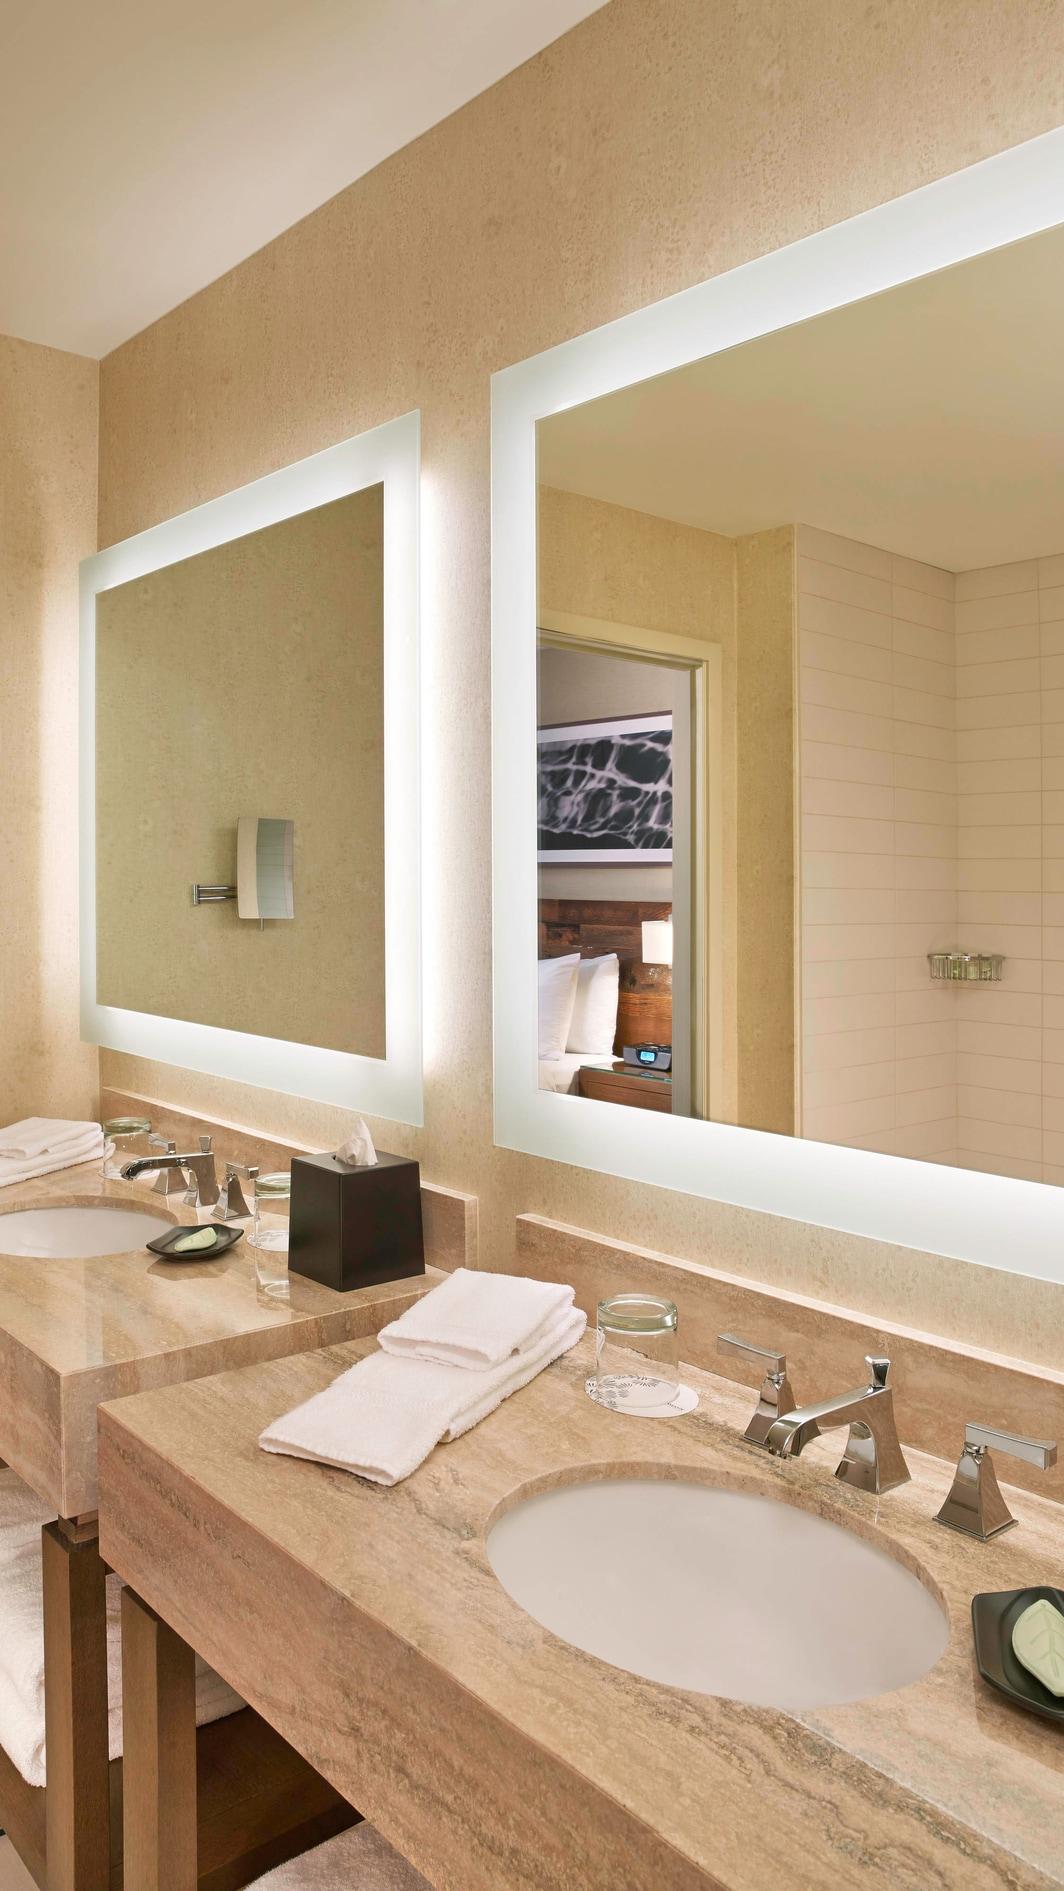 스위트 - 마스터 - 욕실